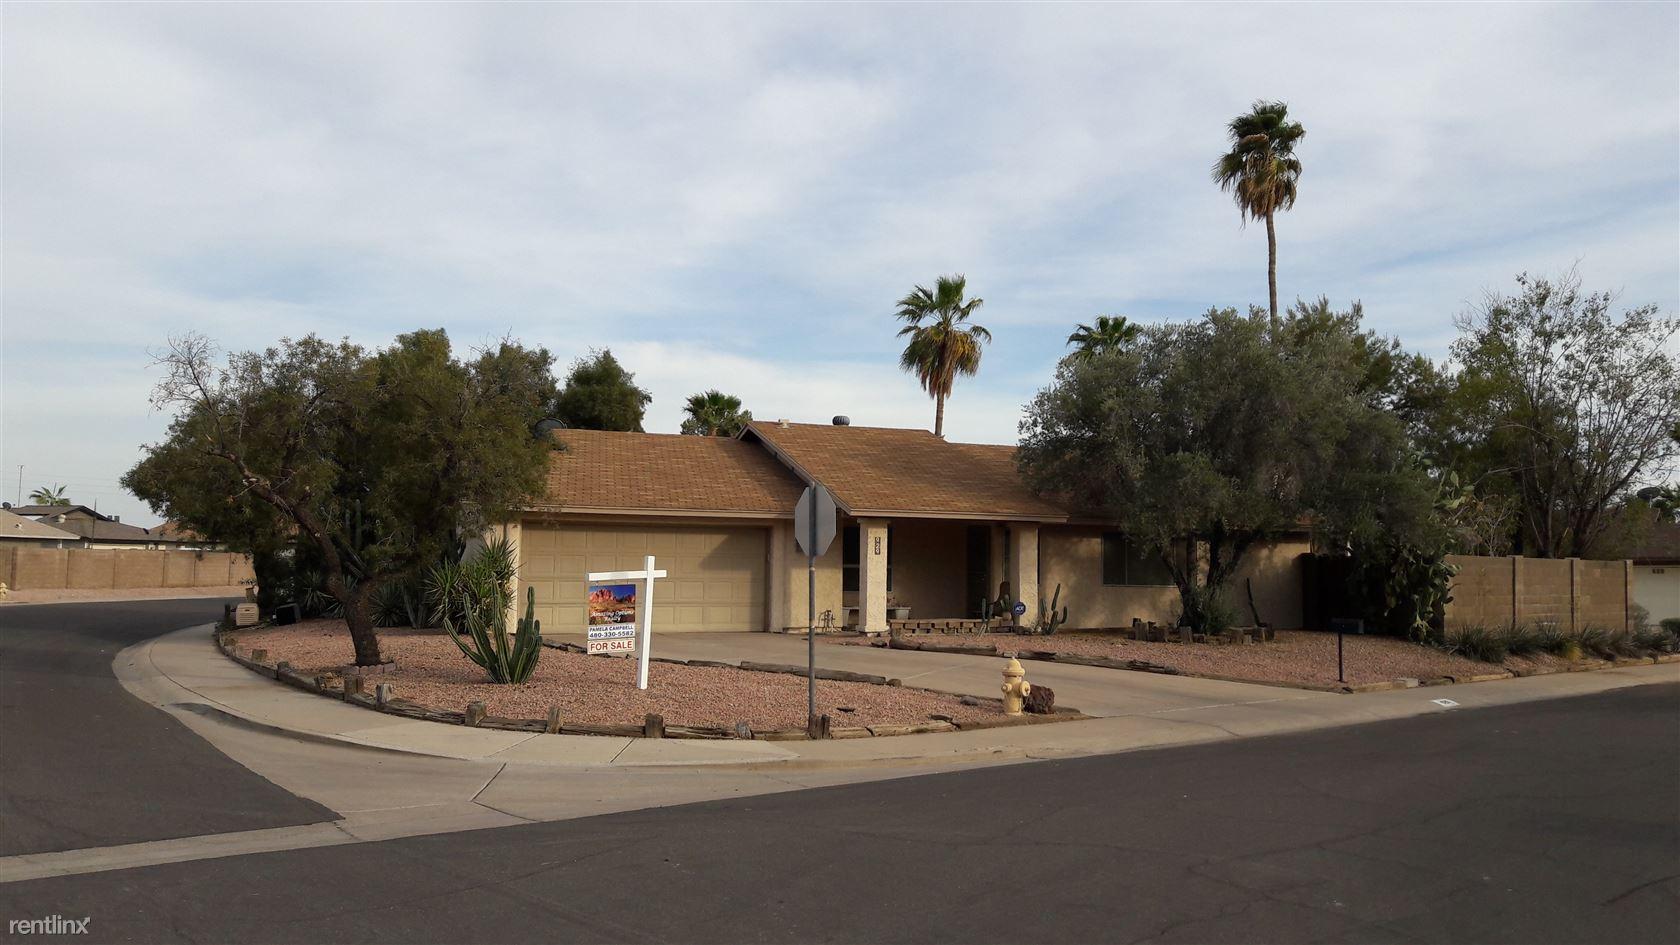 929 N 87th Pl, Scottsdale, AZ - $2,400